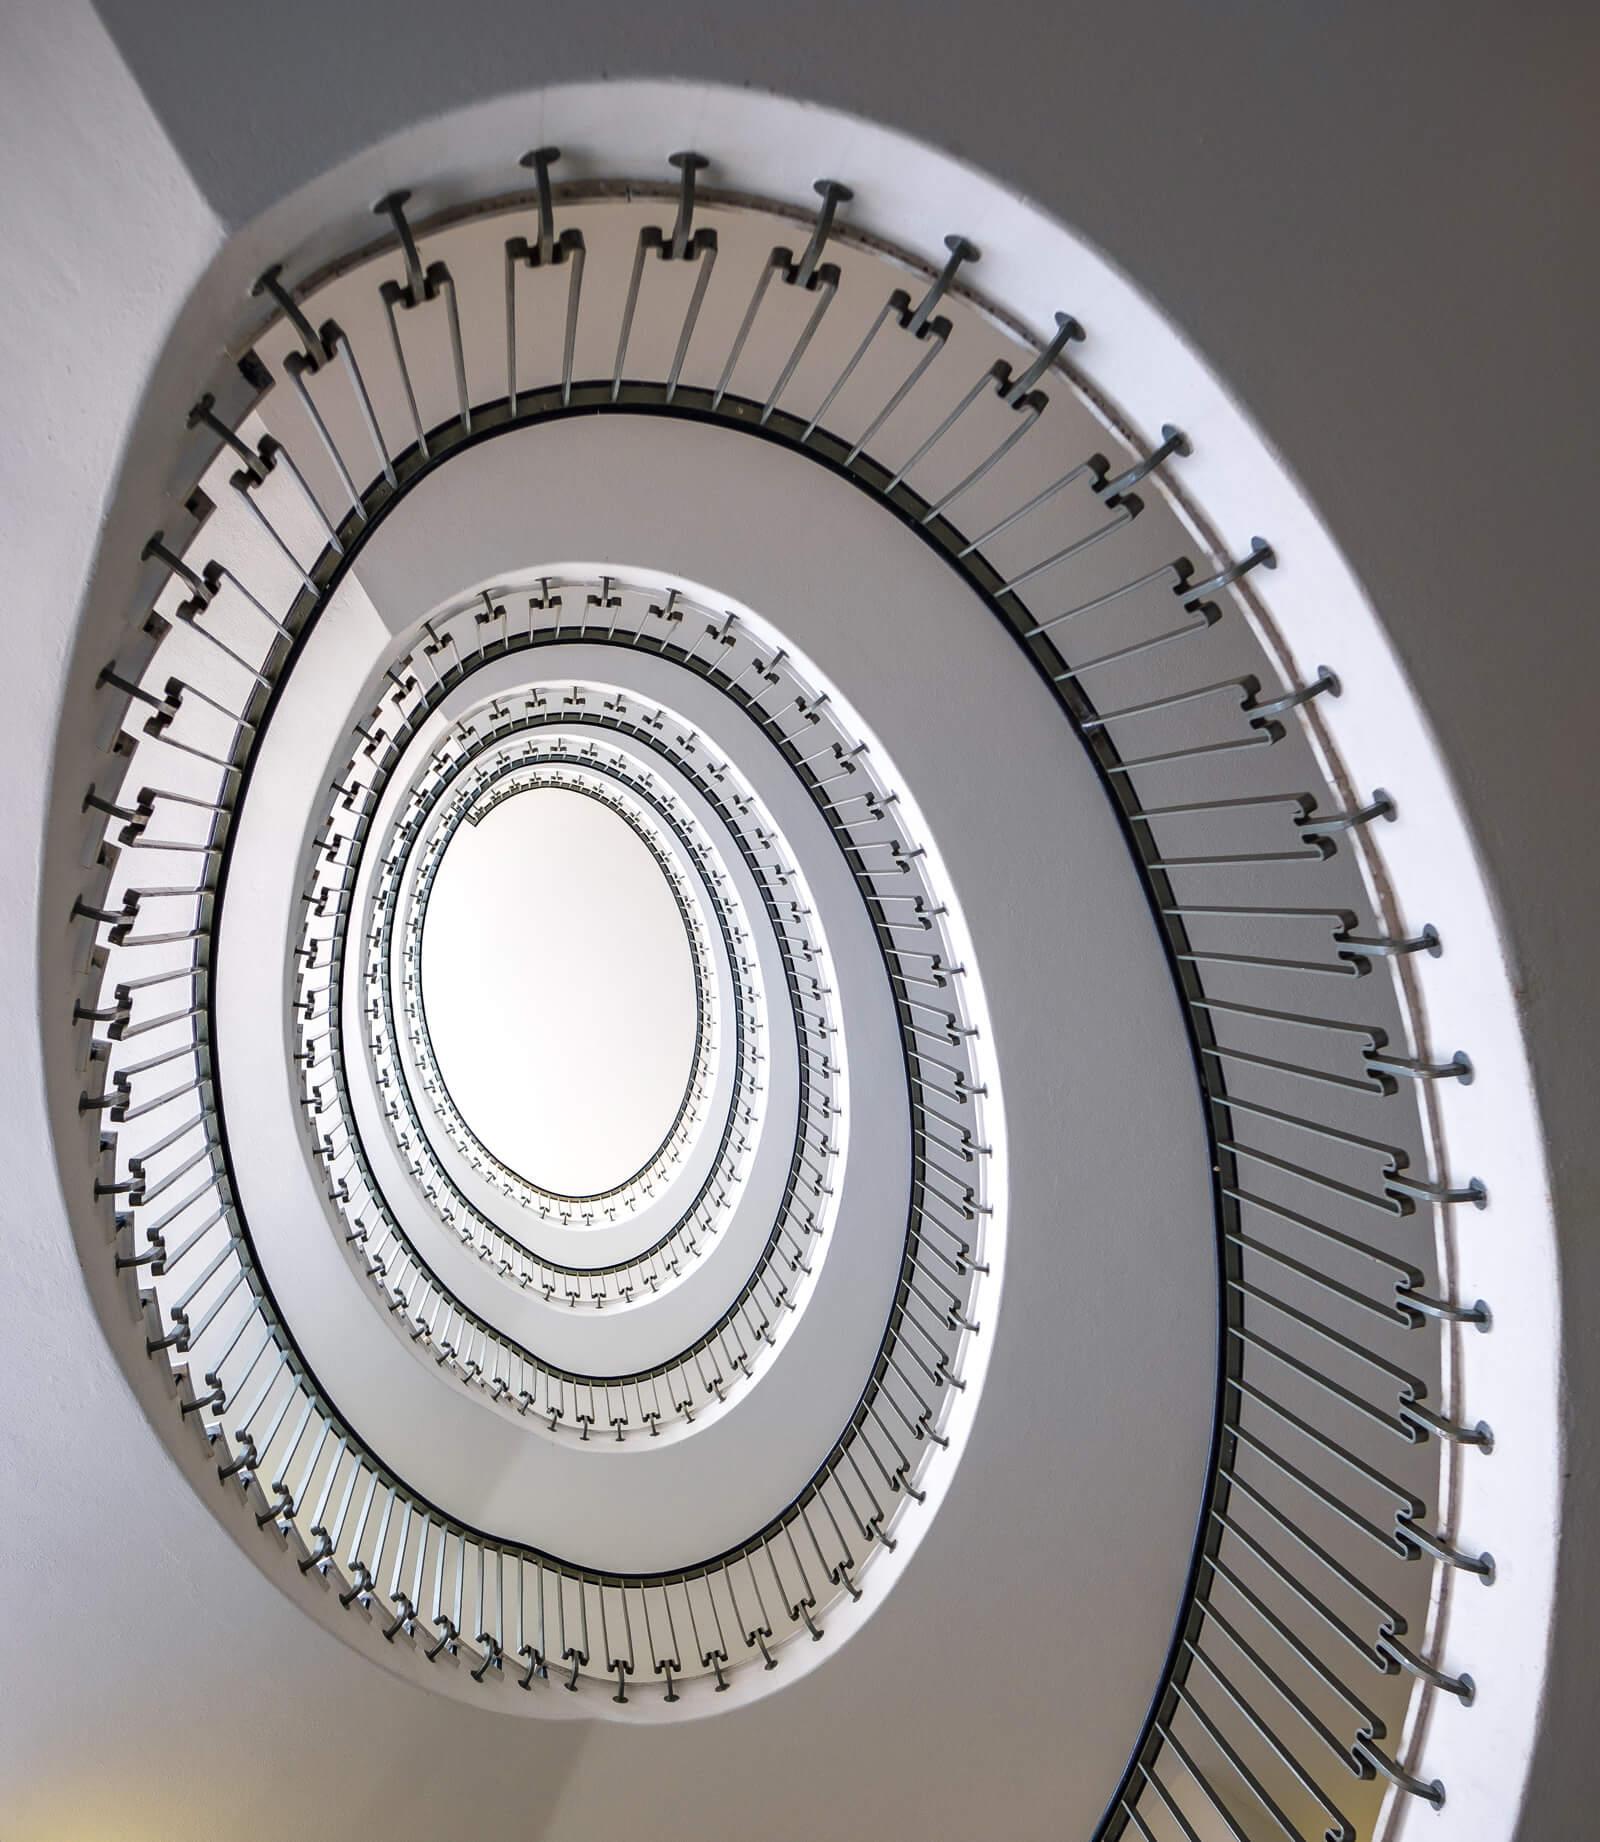 Sihlporte Spiral Staircase in Zürich